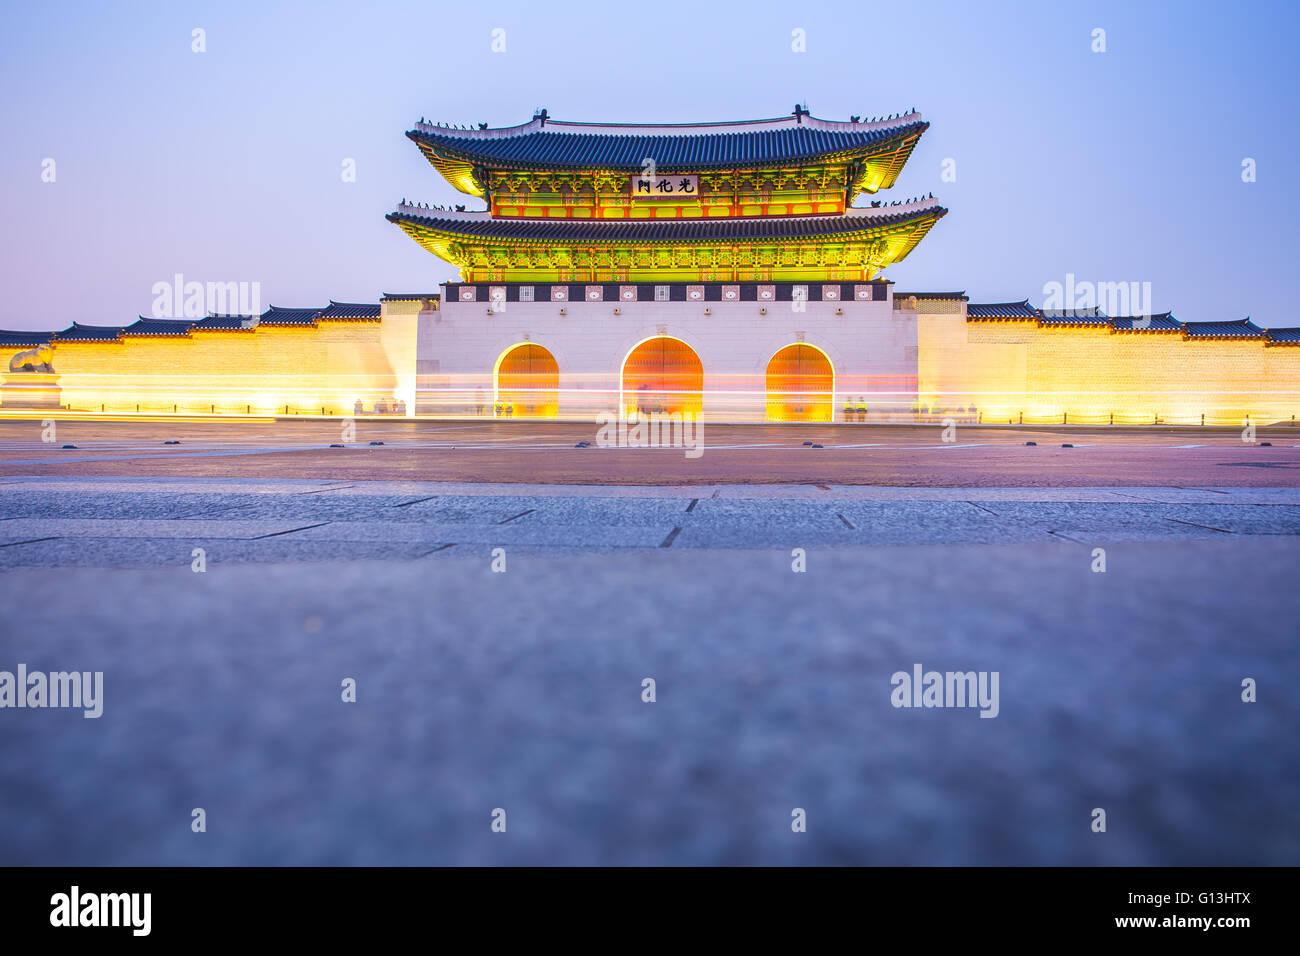 Nuit à Gyeongbokgung Palace à Séoul, Corée du Sud. Photo Stock